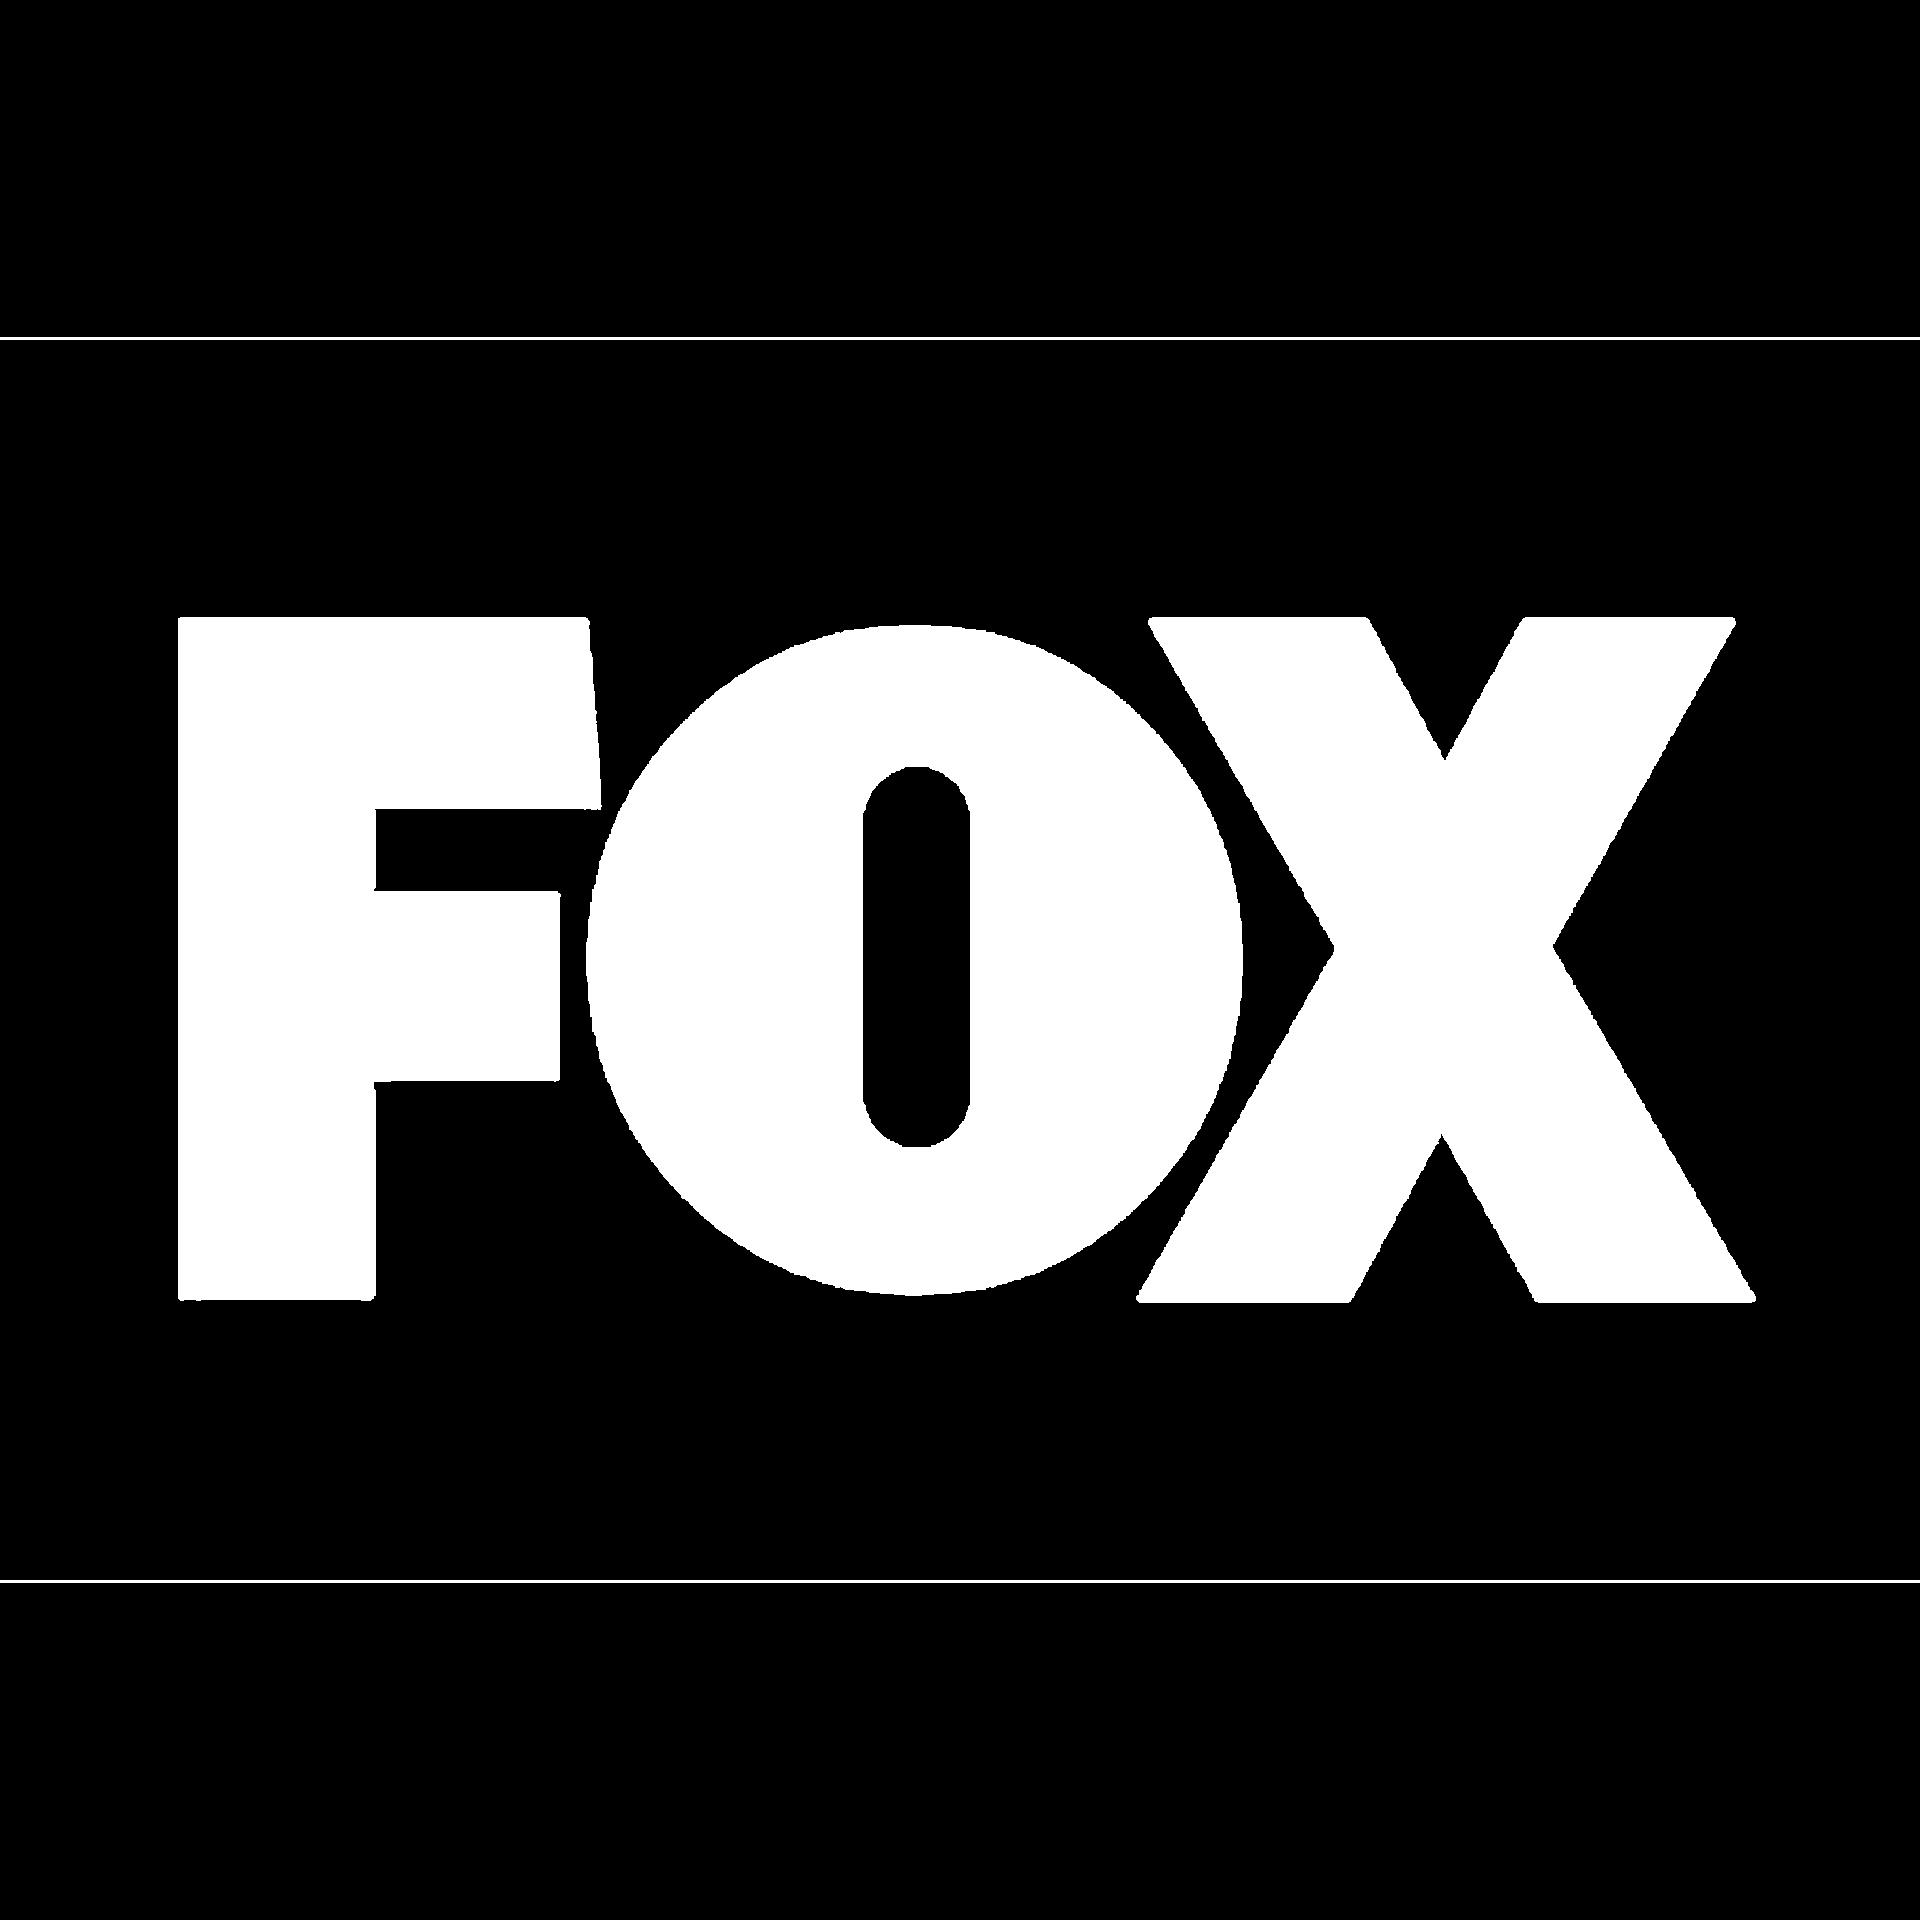 FOX - Transfer